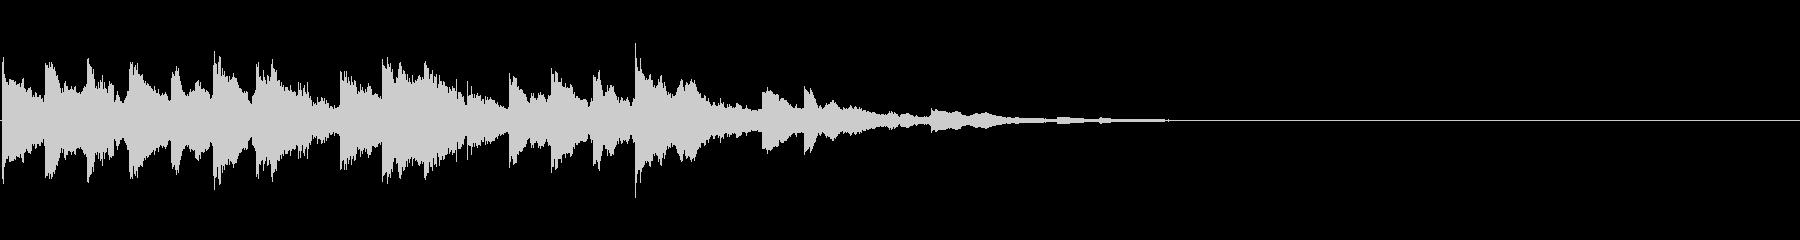 ピココピピココピピコ…(アイキャッチ)の未再生の波形